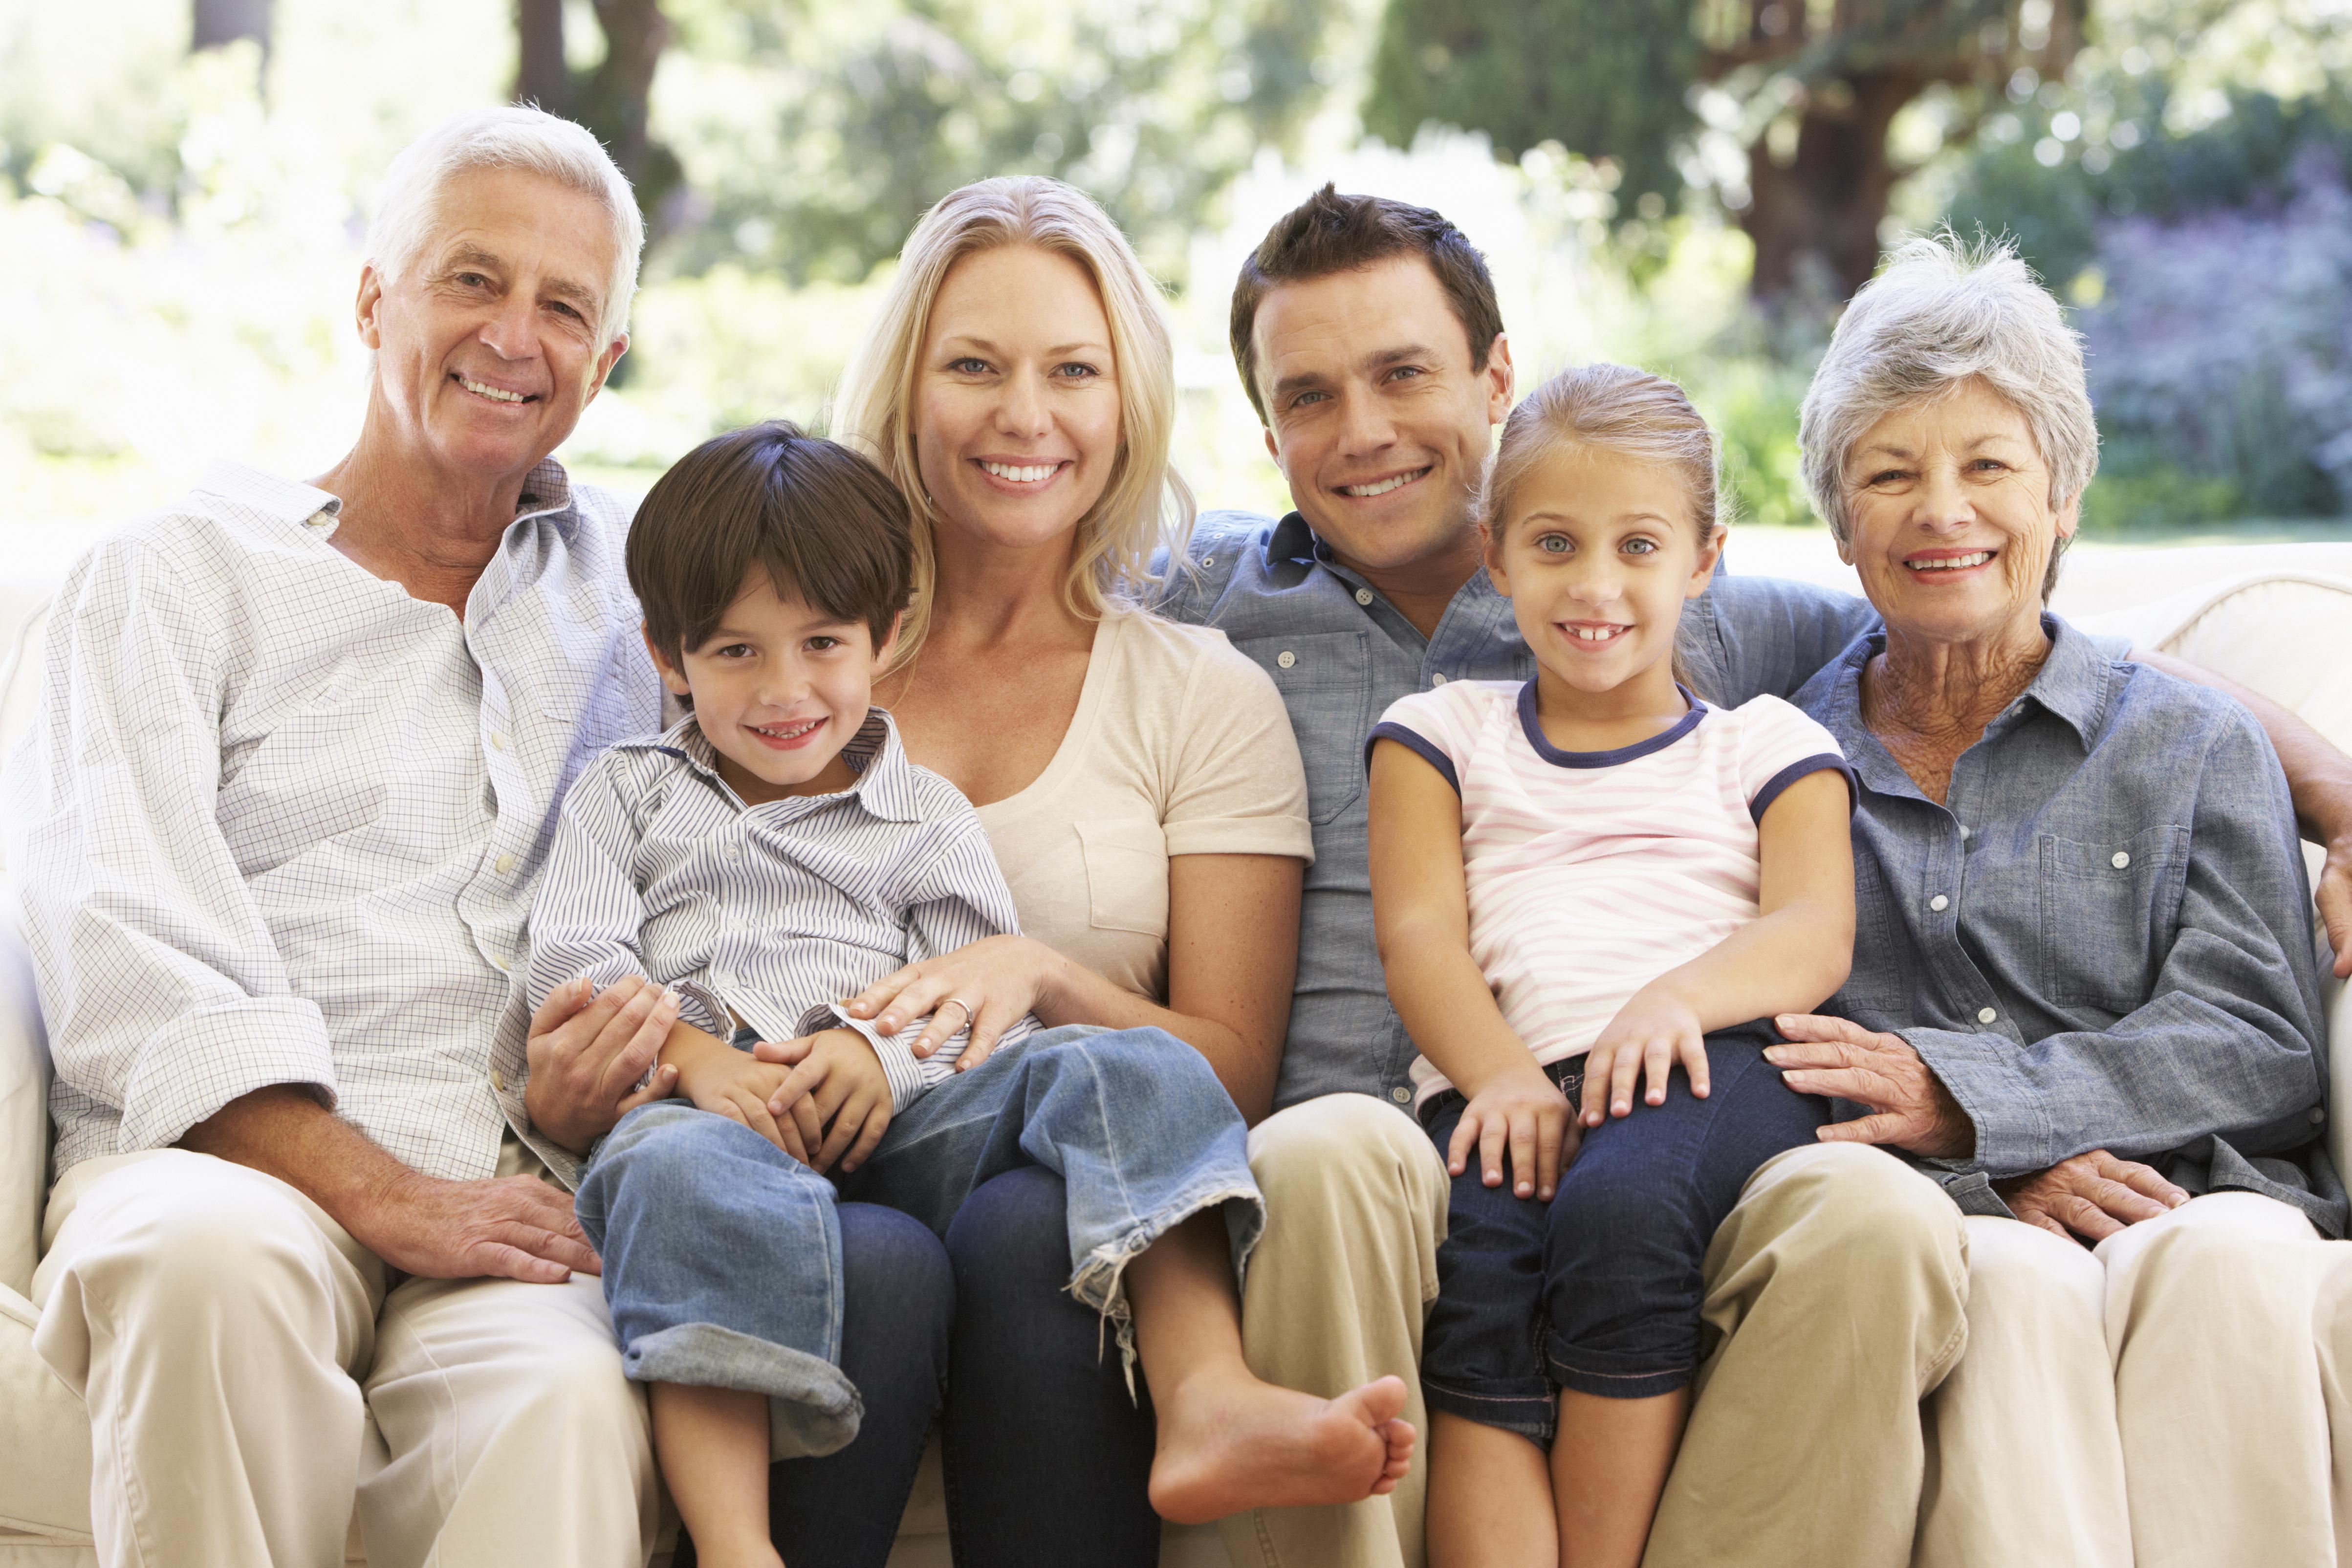 Воссоединение семьи как способ получить ВНЖ Болгарии